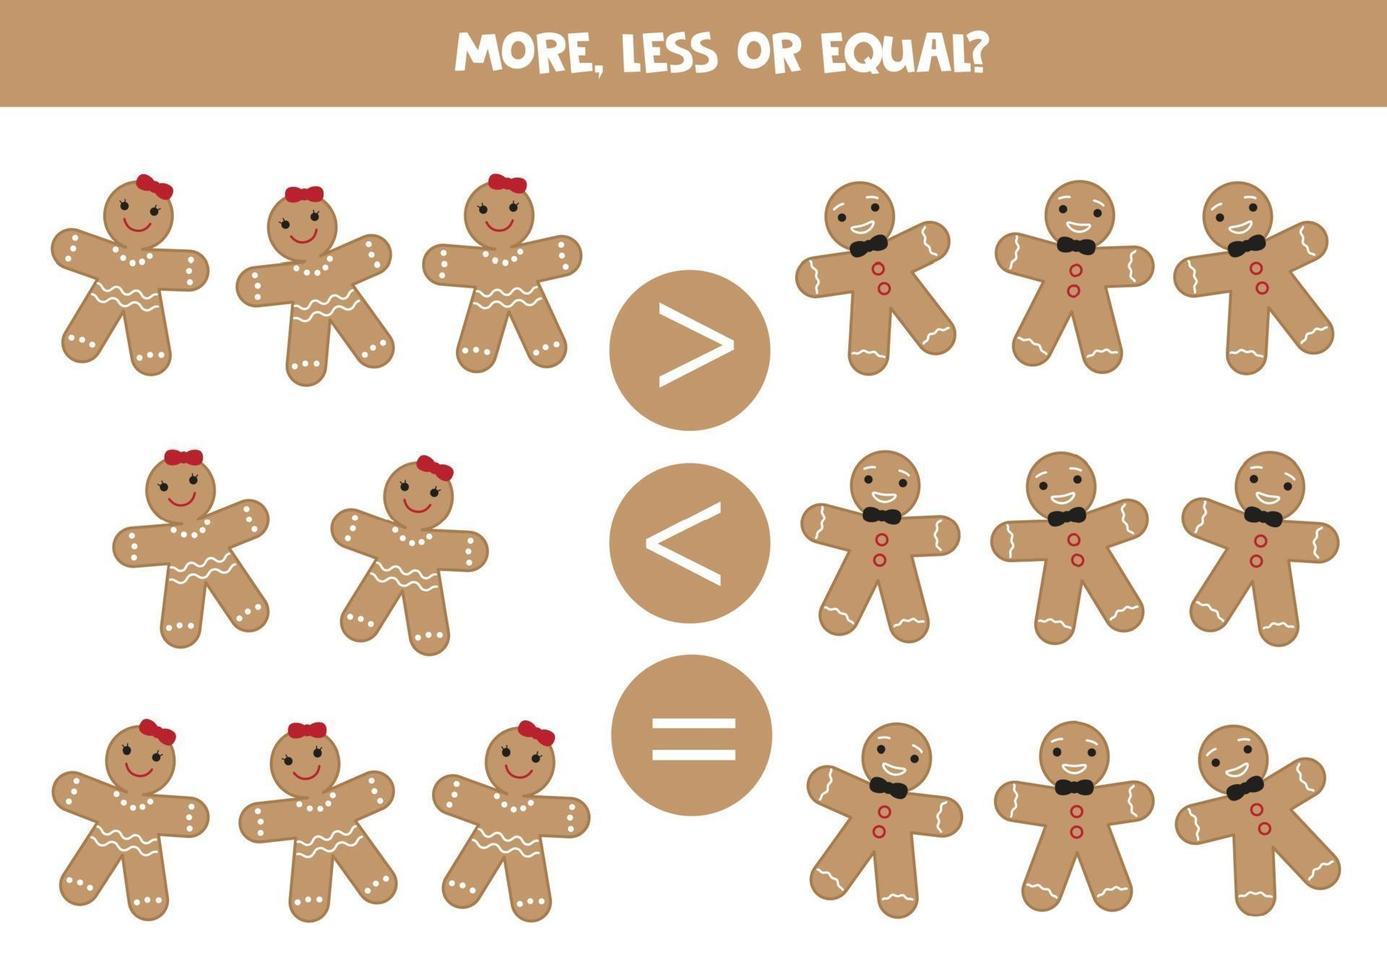 vergelijking van objecten voor kinderen. meer, minder met cartoon peperkoekkoekjes. vector